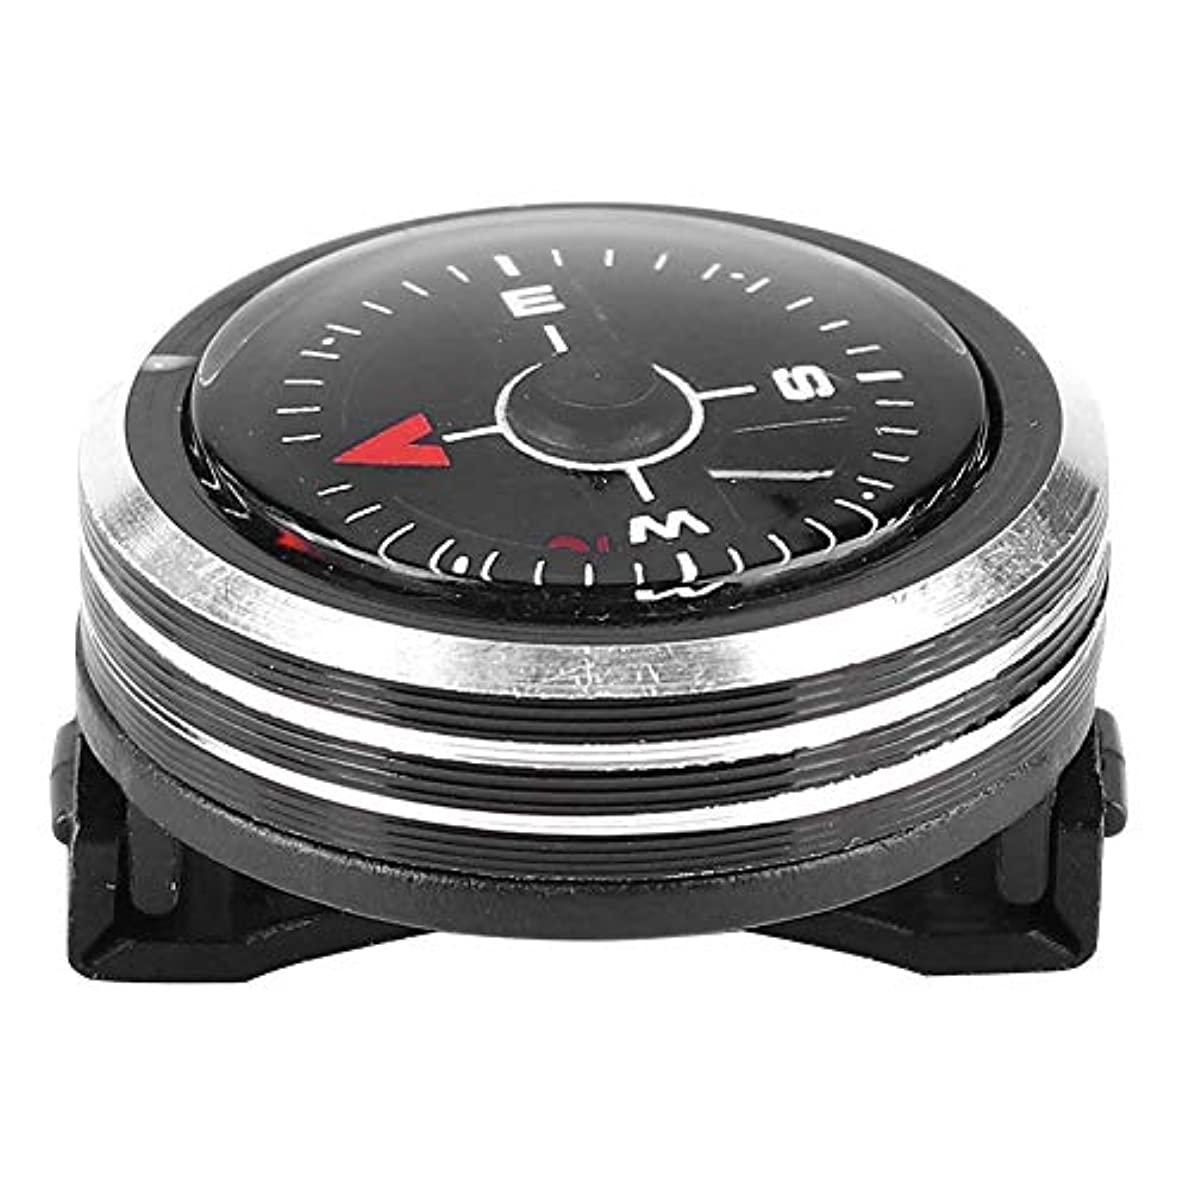 記録賞賛雇うコンパス 戦術的なリストコンパス リストコンパス腕時計ストラップコンパスミニ軽量リストコンパスサバイバルキャンプ屋外ツールアクセサリー